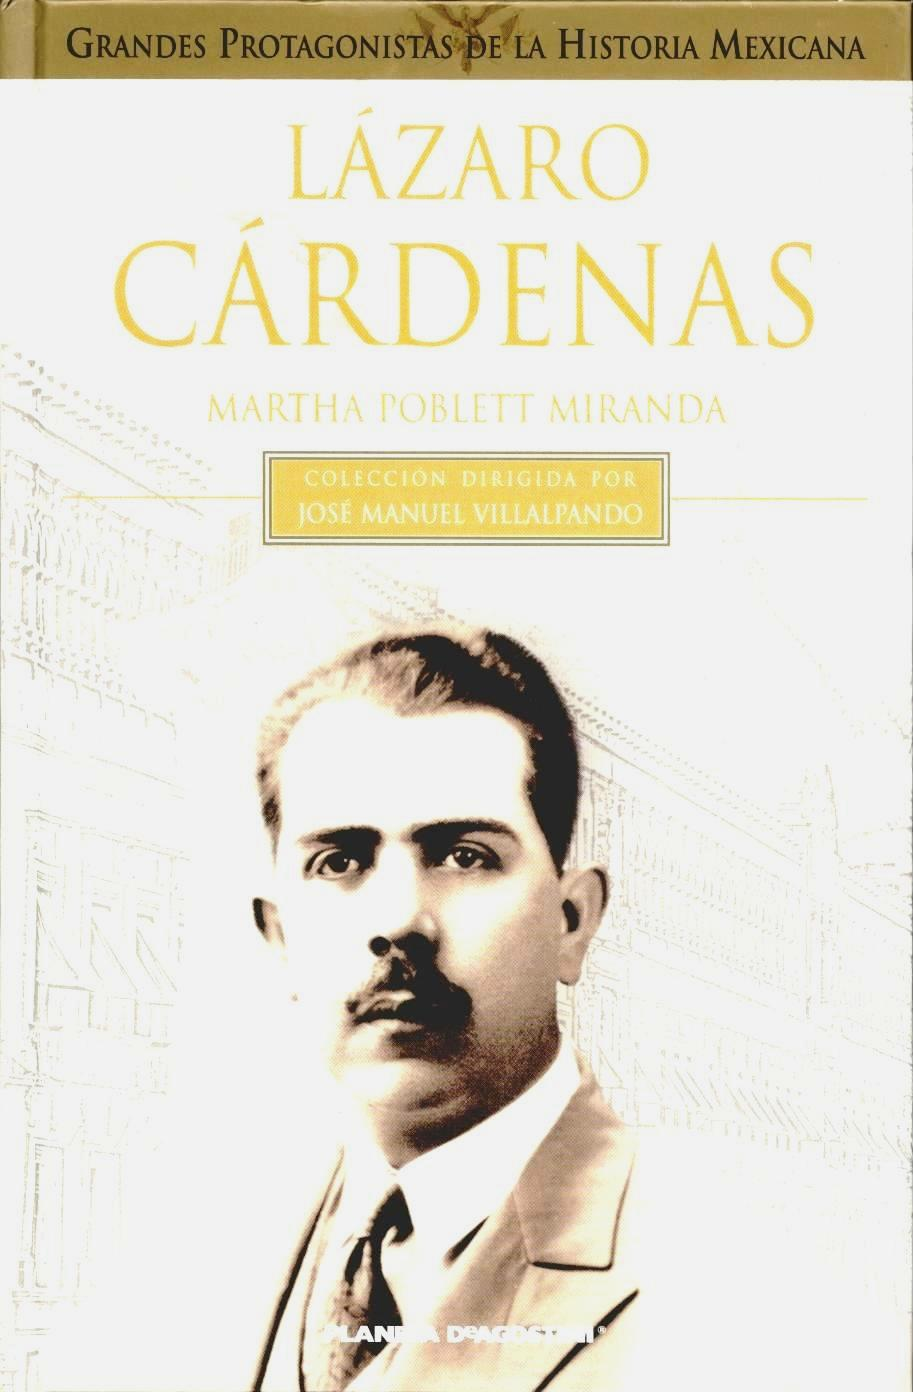 Lázaro Cárdenas